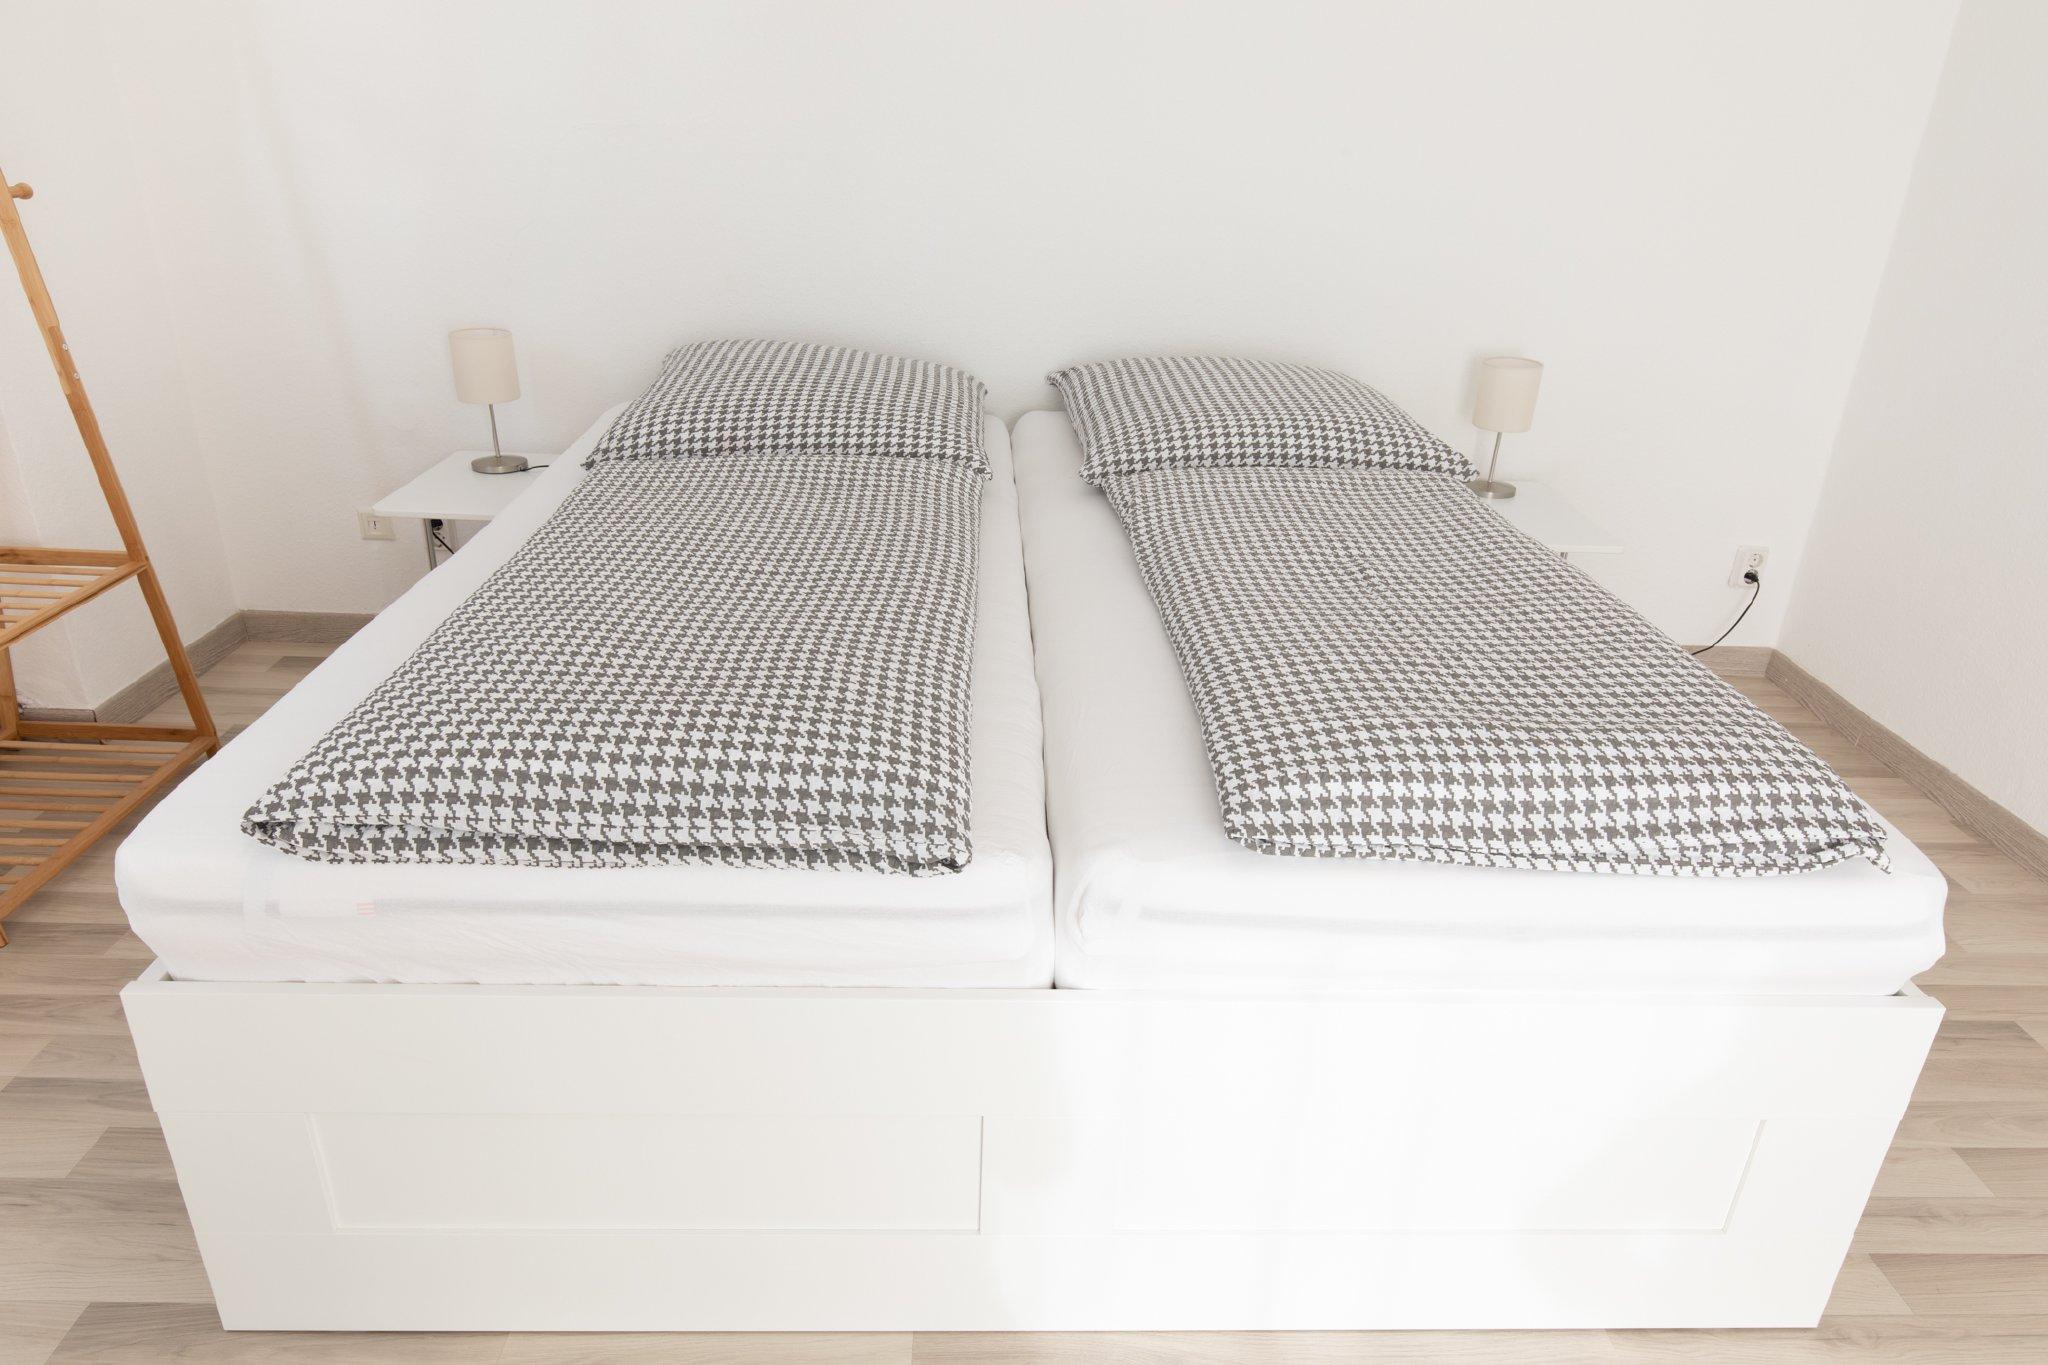 Großes Bett (1,8x2,0m)